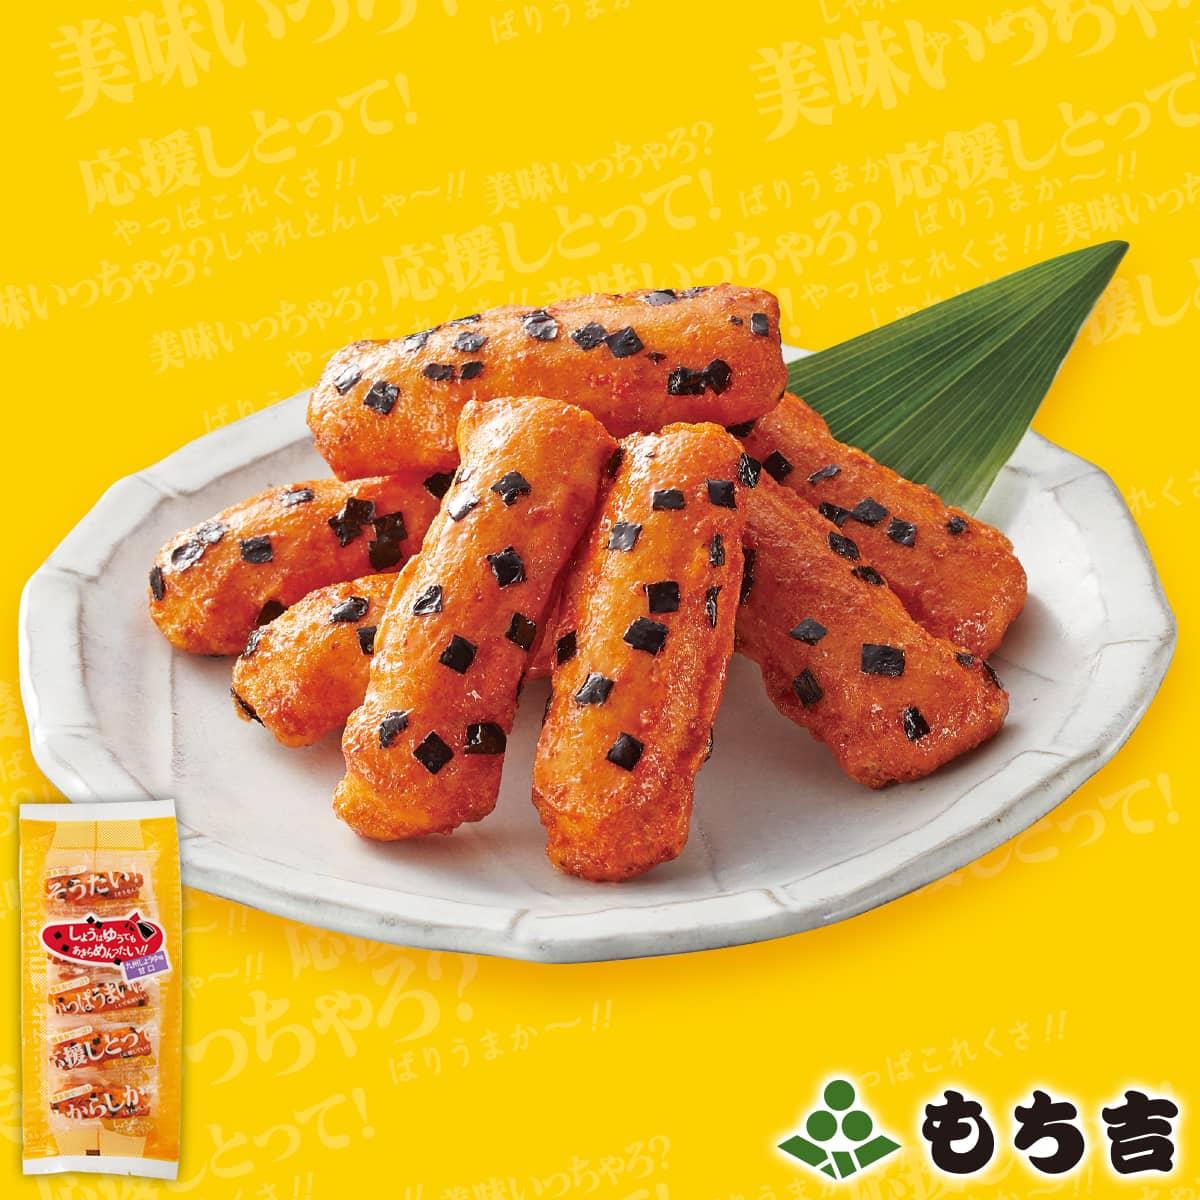 本物の辛子明太子を使用したピリリとうまい風味と九州醤油の特徴である甘味を自社でブレンドし ピリッと甘辛く仕上げました もち吉 しょうはゆぅてもあきらめんったい 14本 国産米100% 保障 詰替パック お歳暮